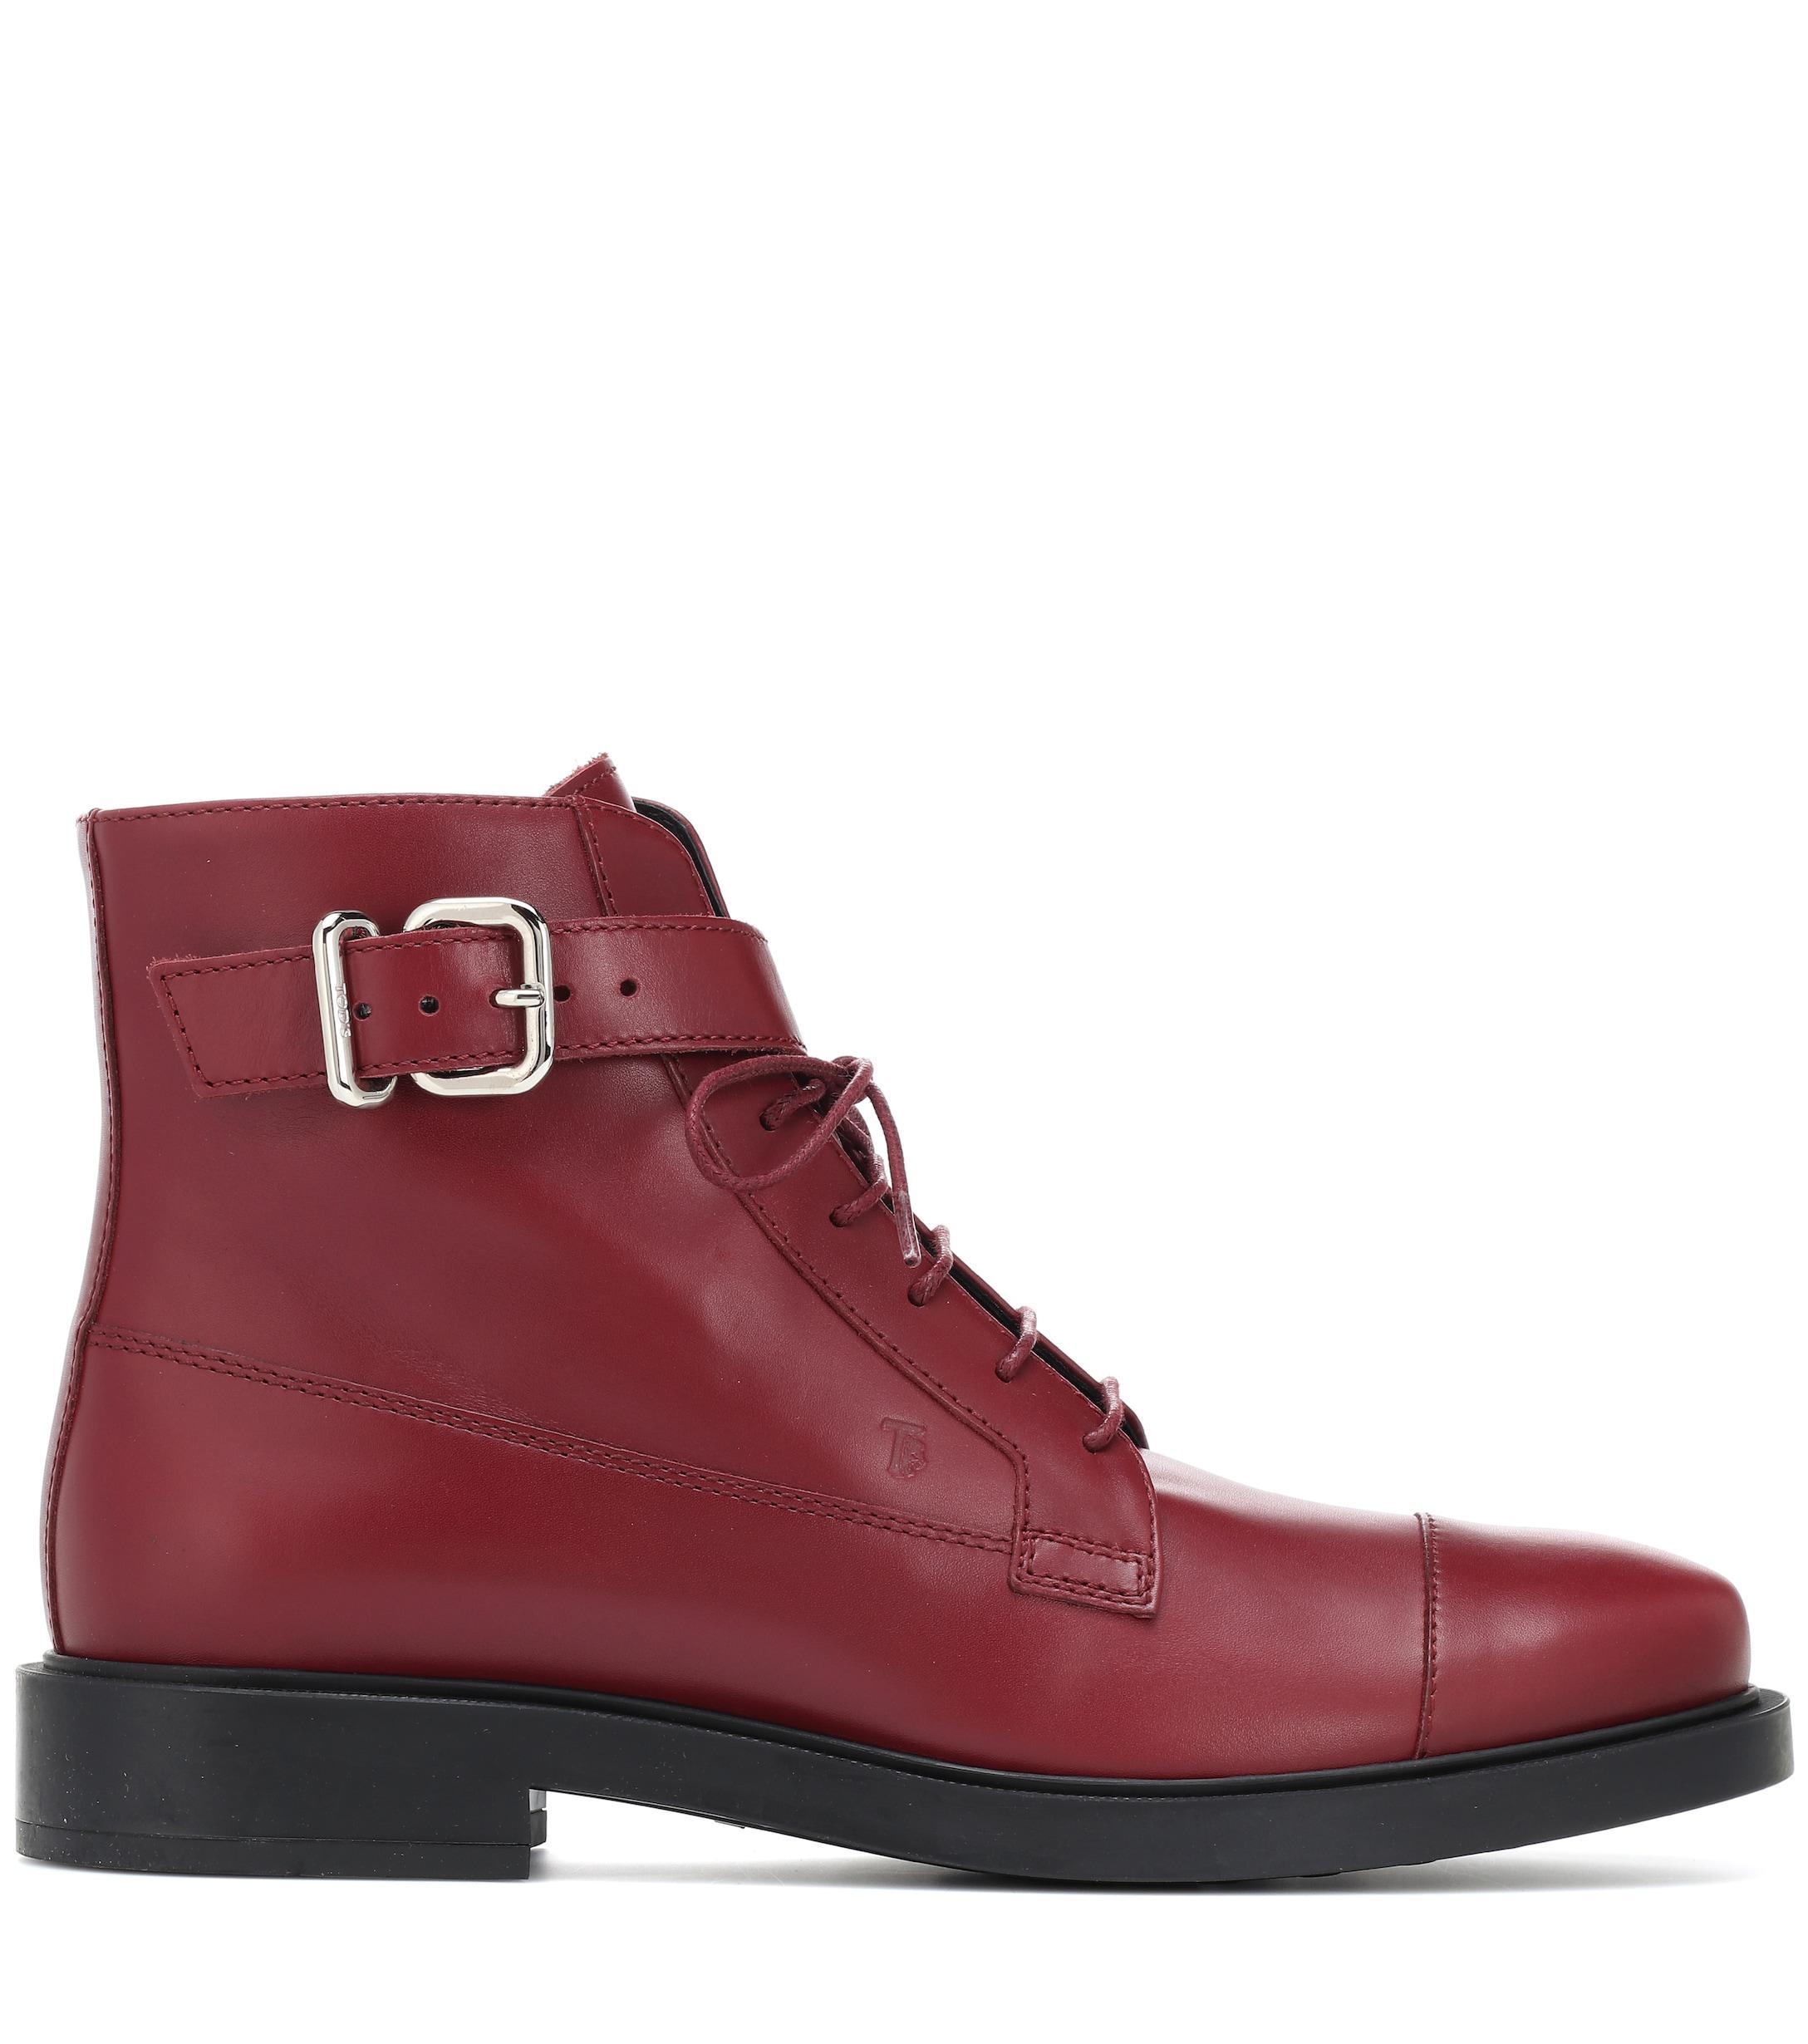 Botines de piel Tod's de Cuero de color Rojo